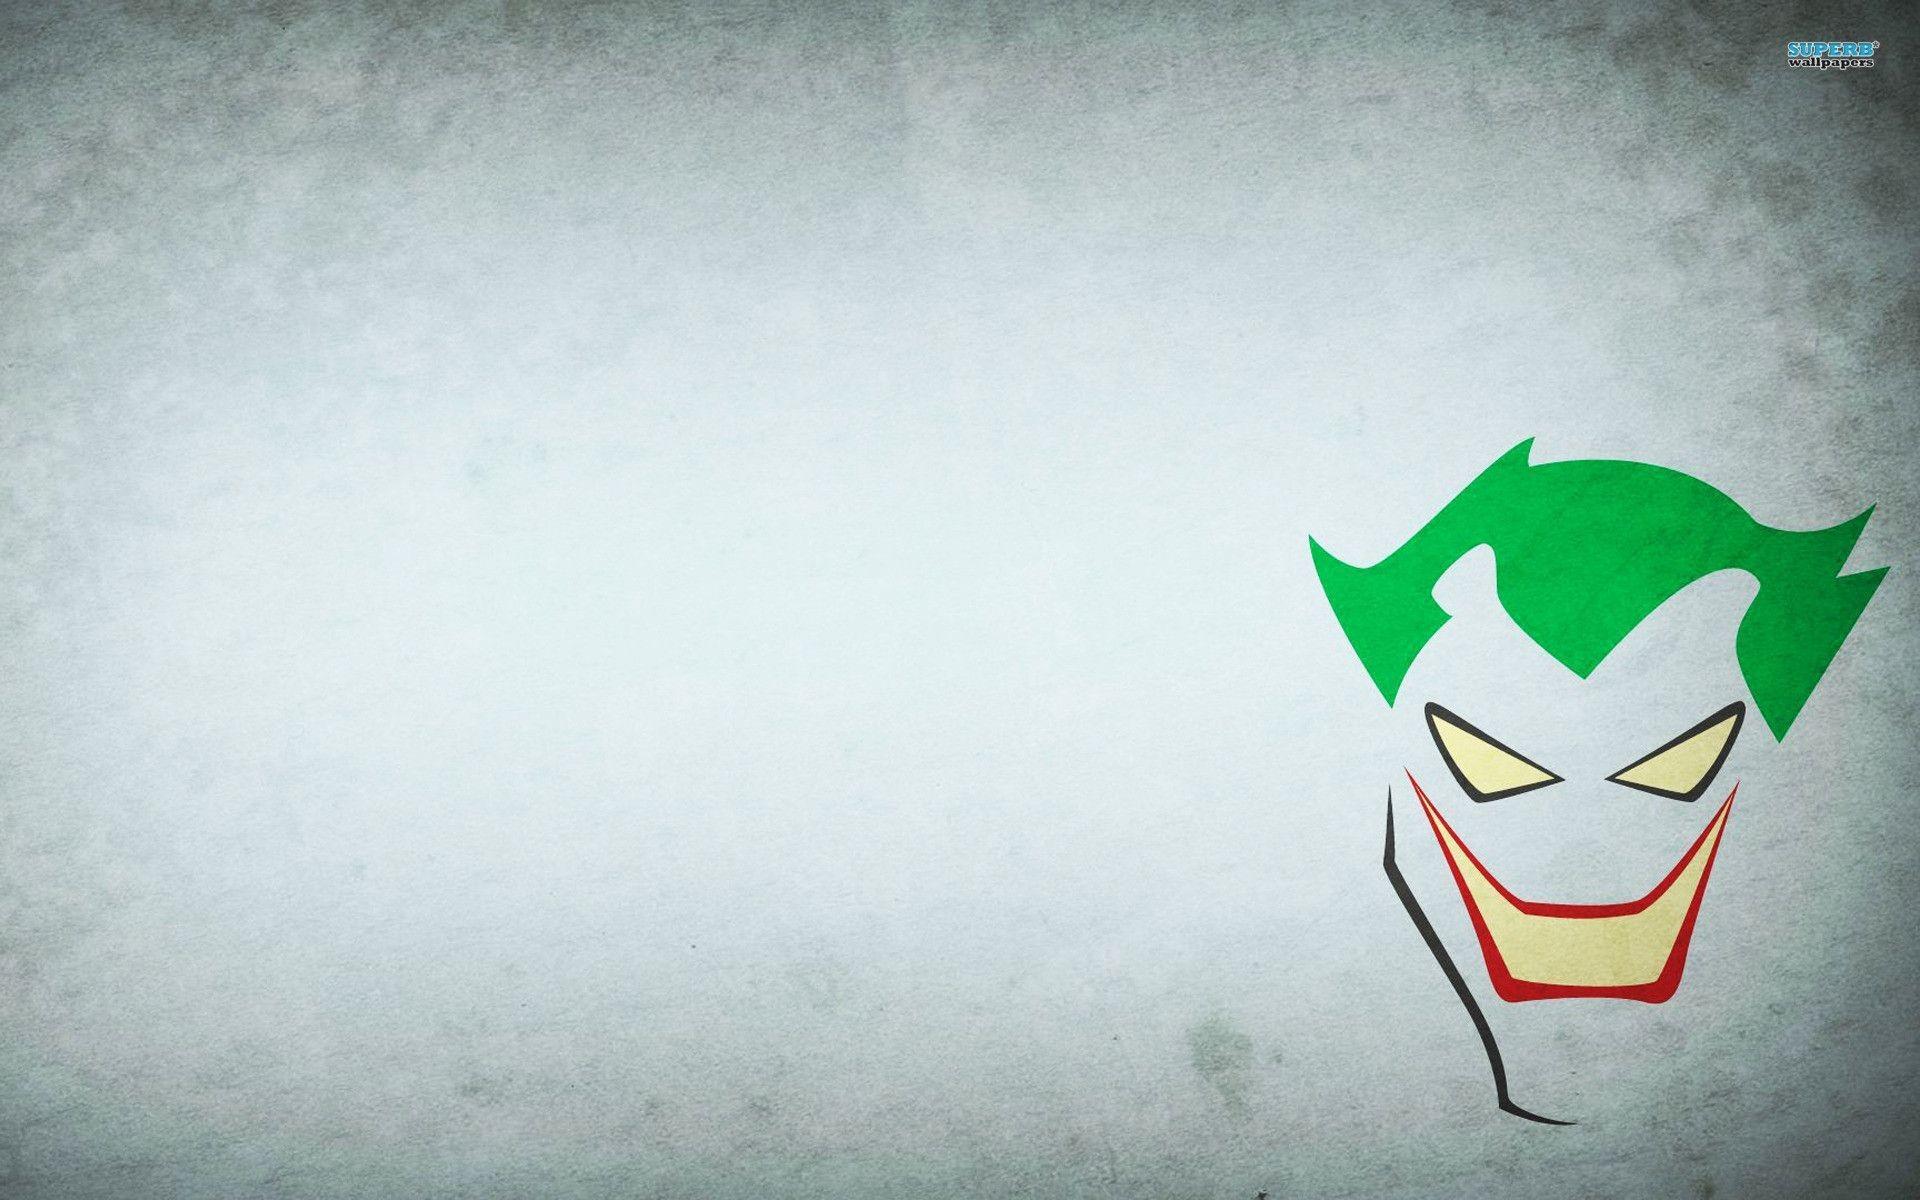 The Joker Comic Wallpaper